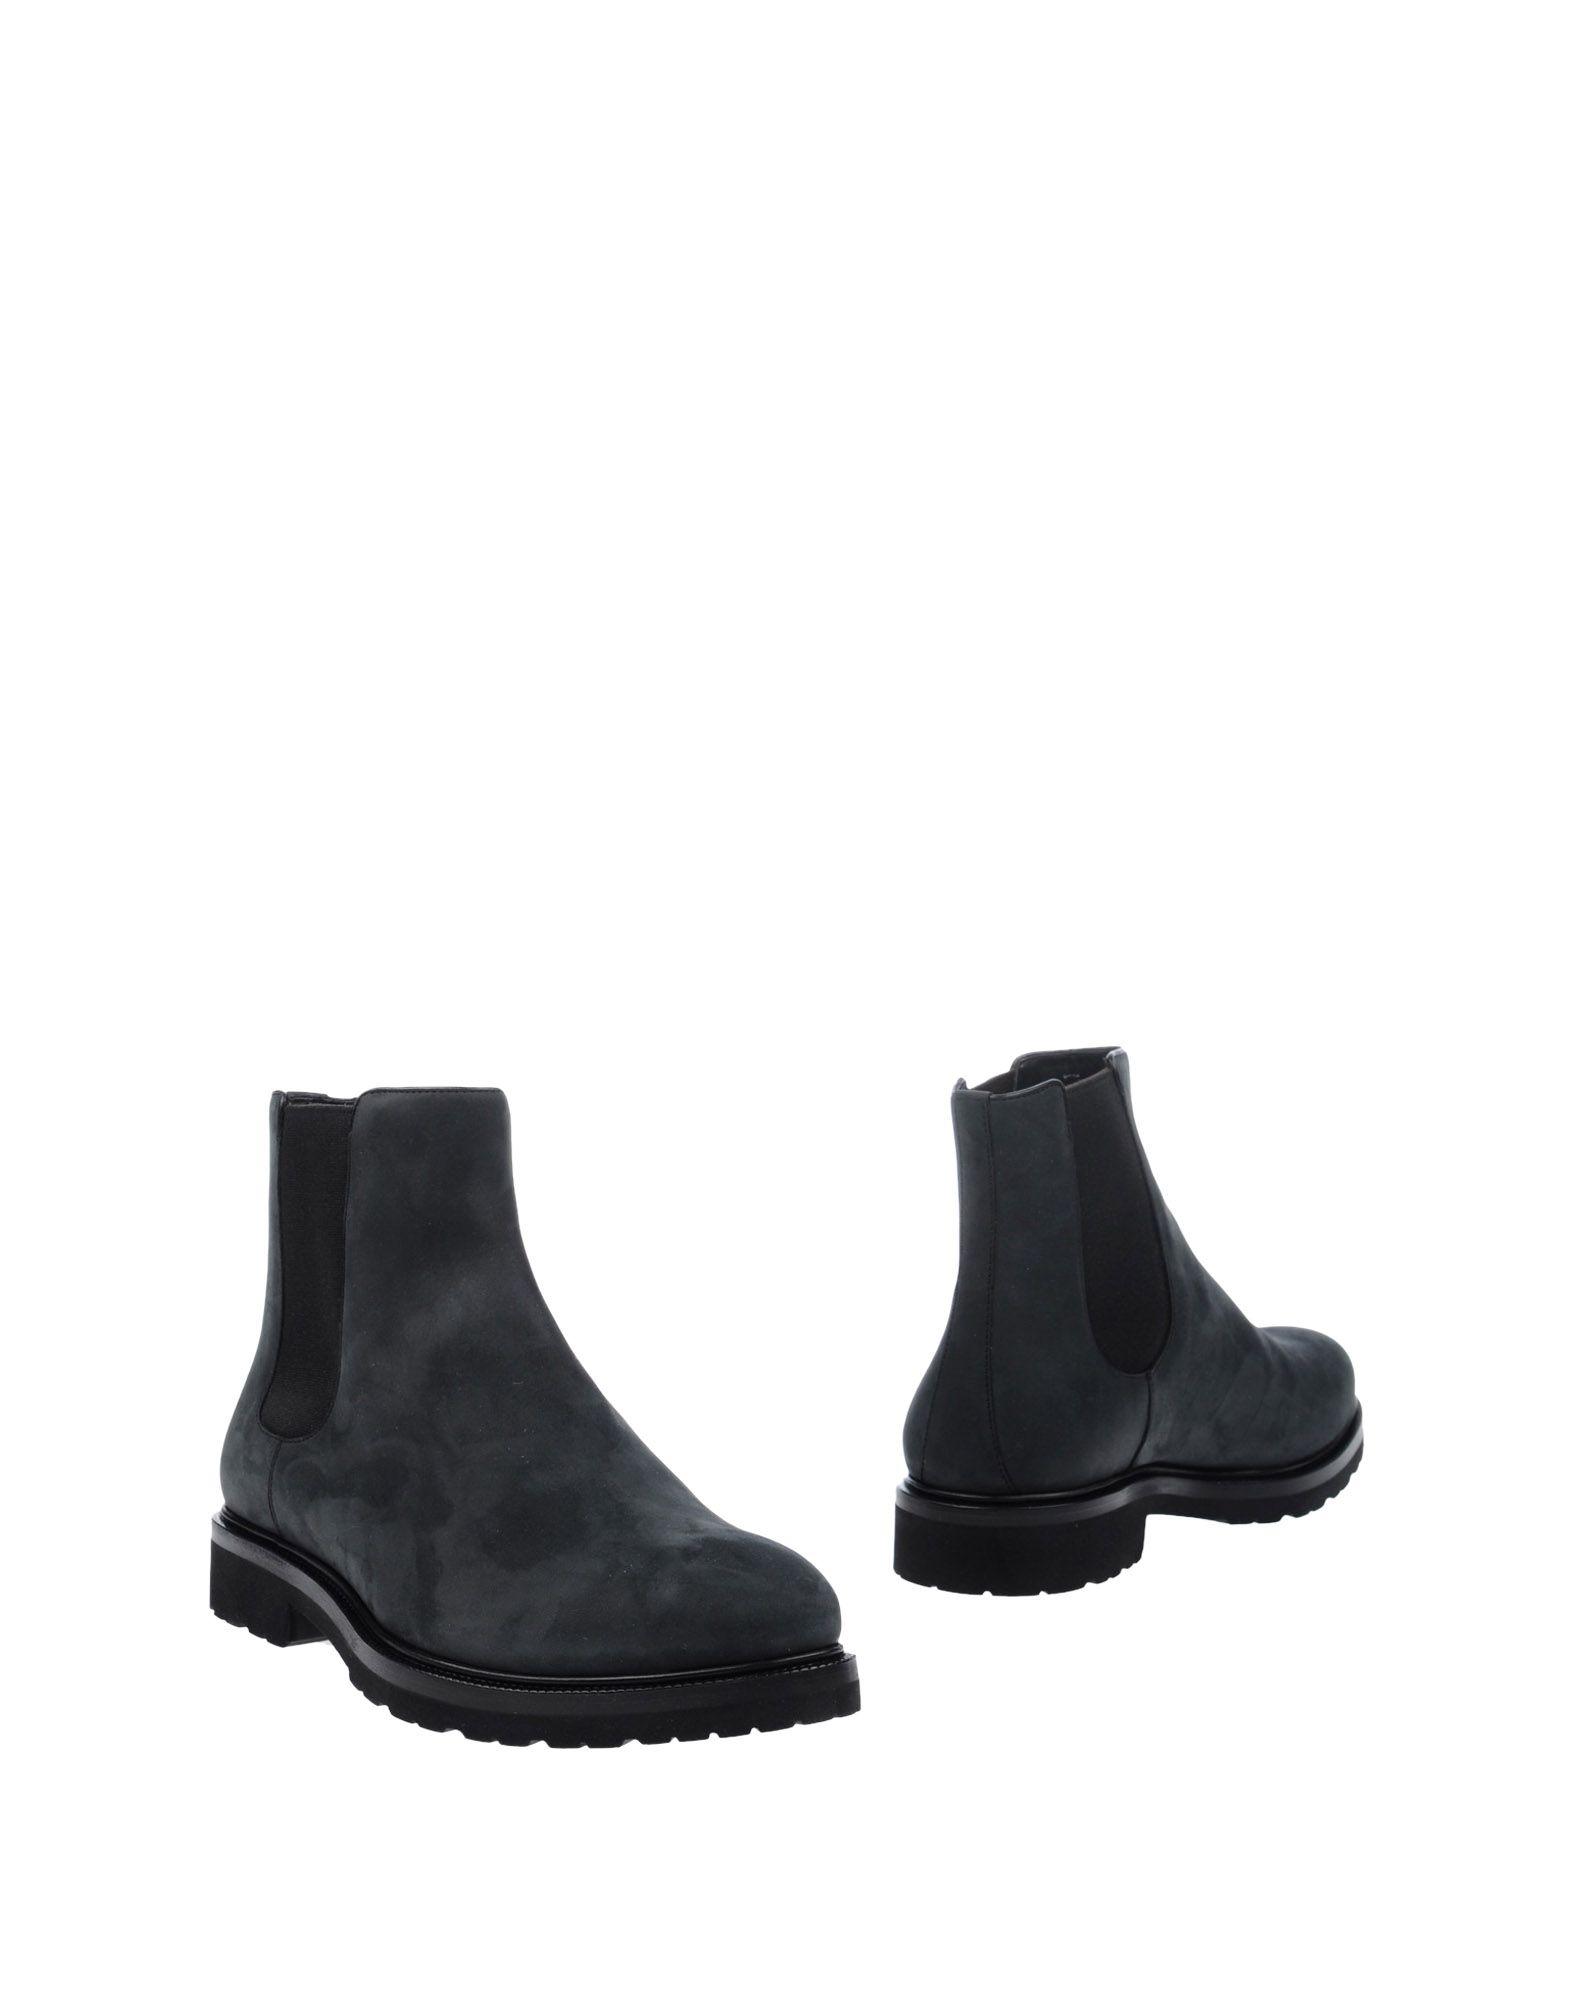 A.Testoni Stiefelette Herren  11277144UT Gute Qualität beliebte Schuhe